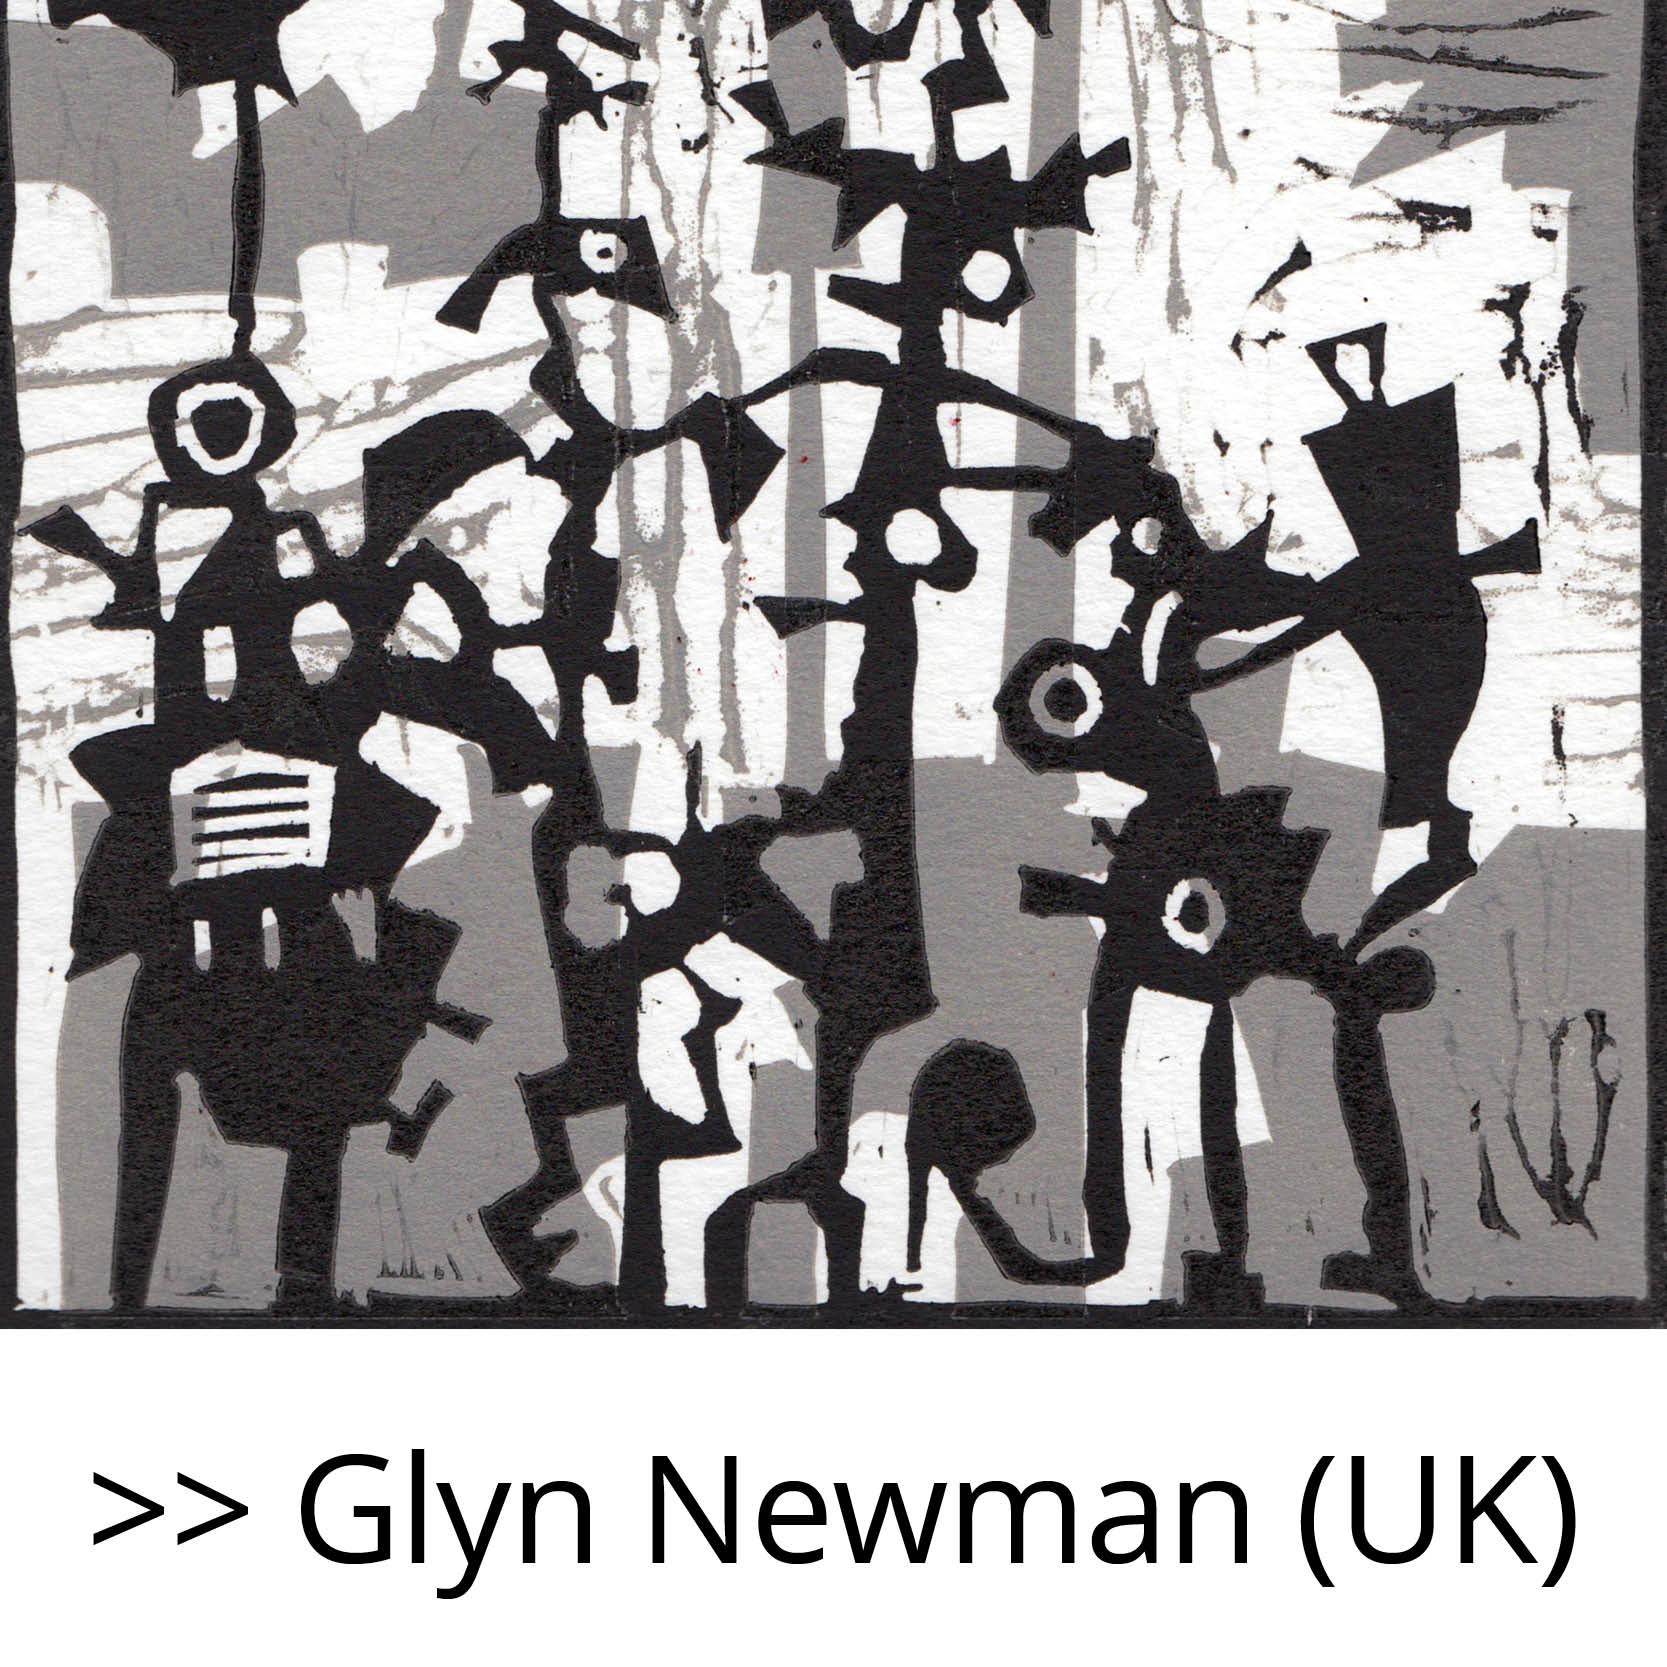 Glyn_Newman_(UK)